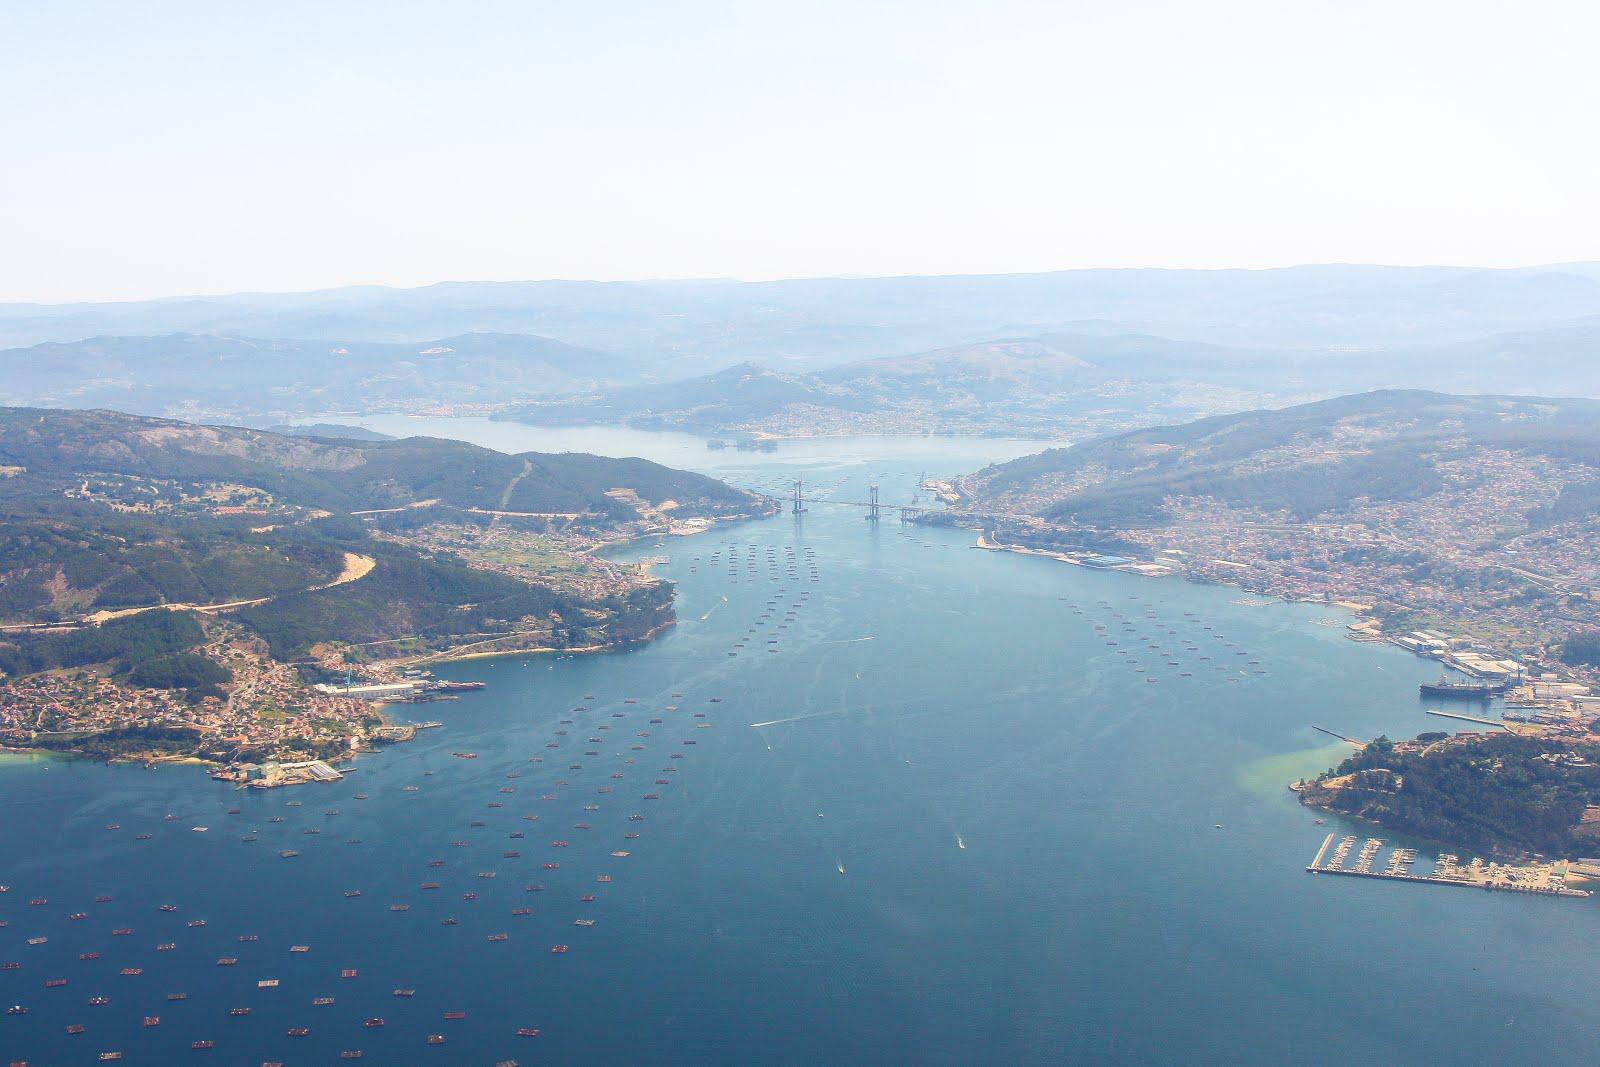 Vista Aerea del puente de Rande y la ría de Vigo